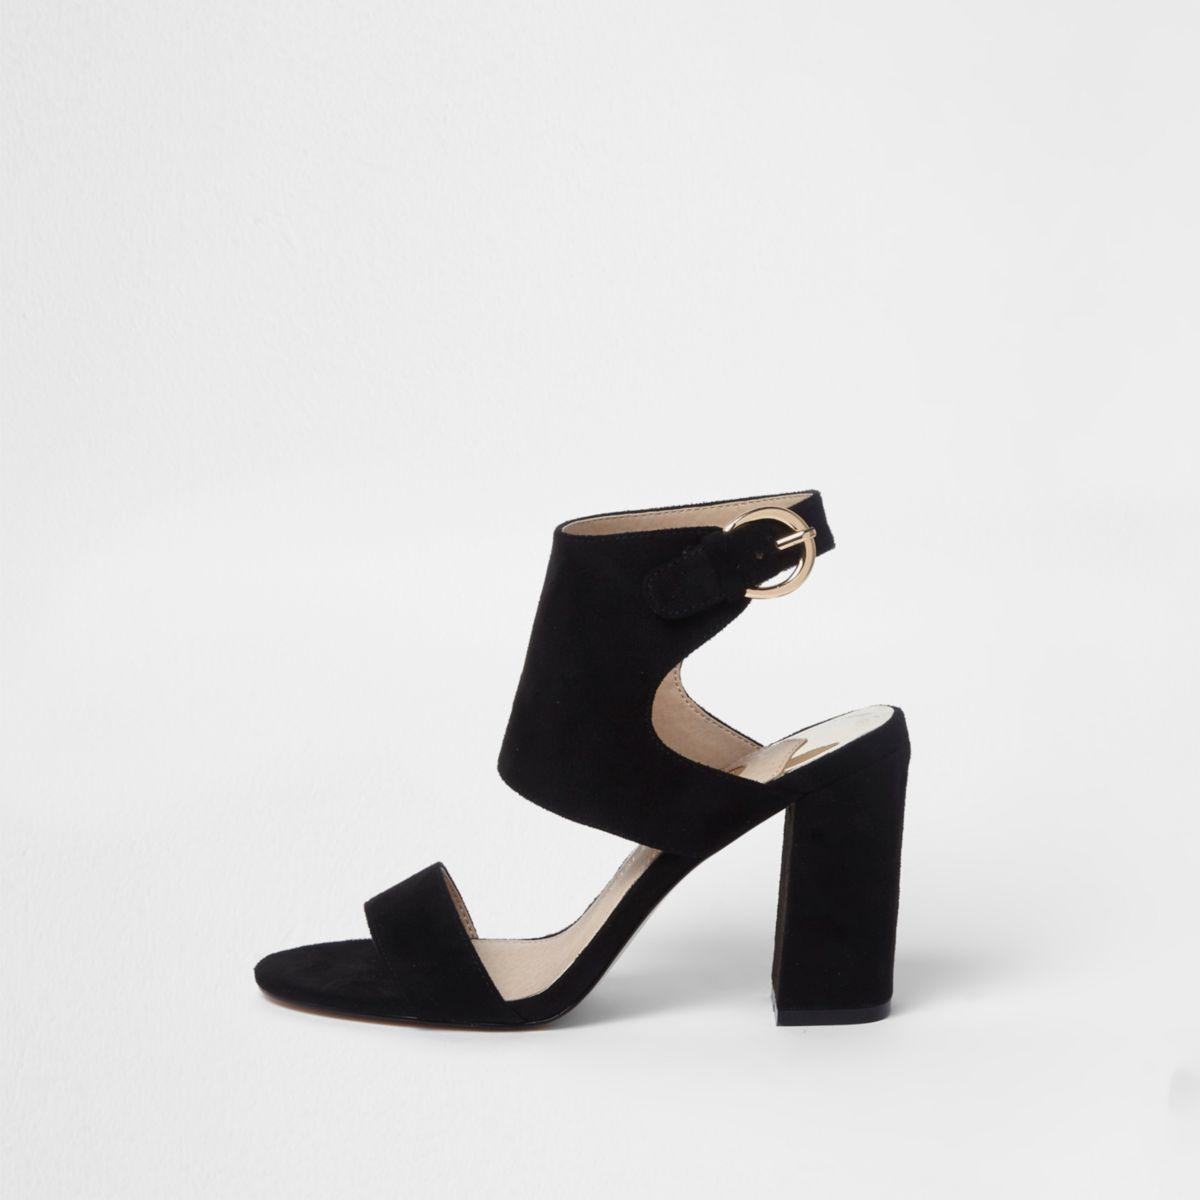 Black block heel sandals